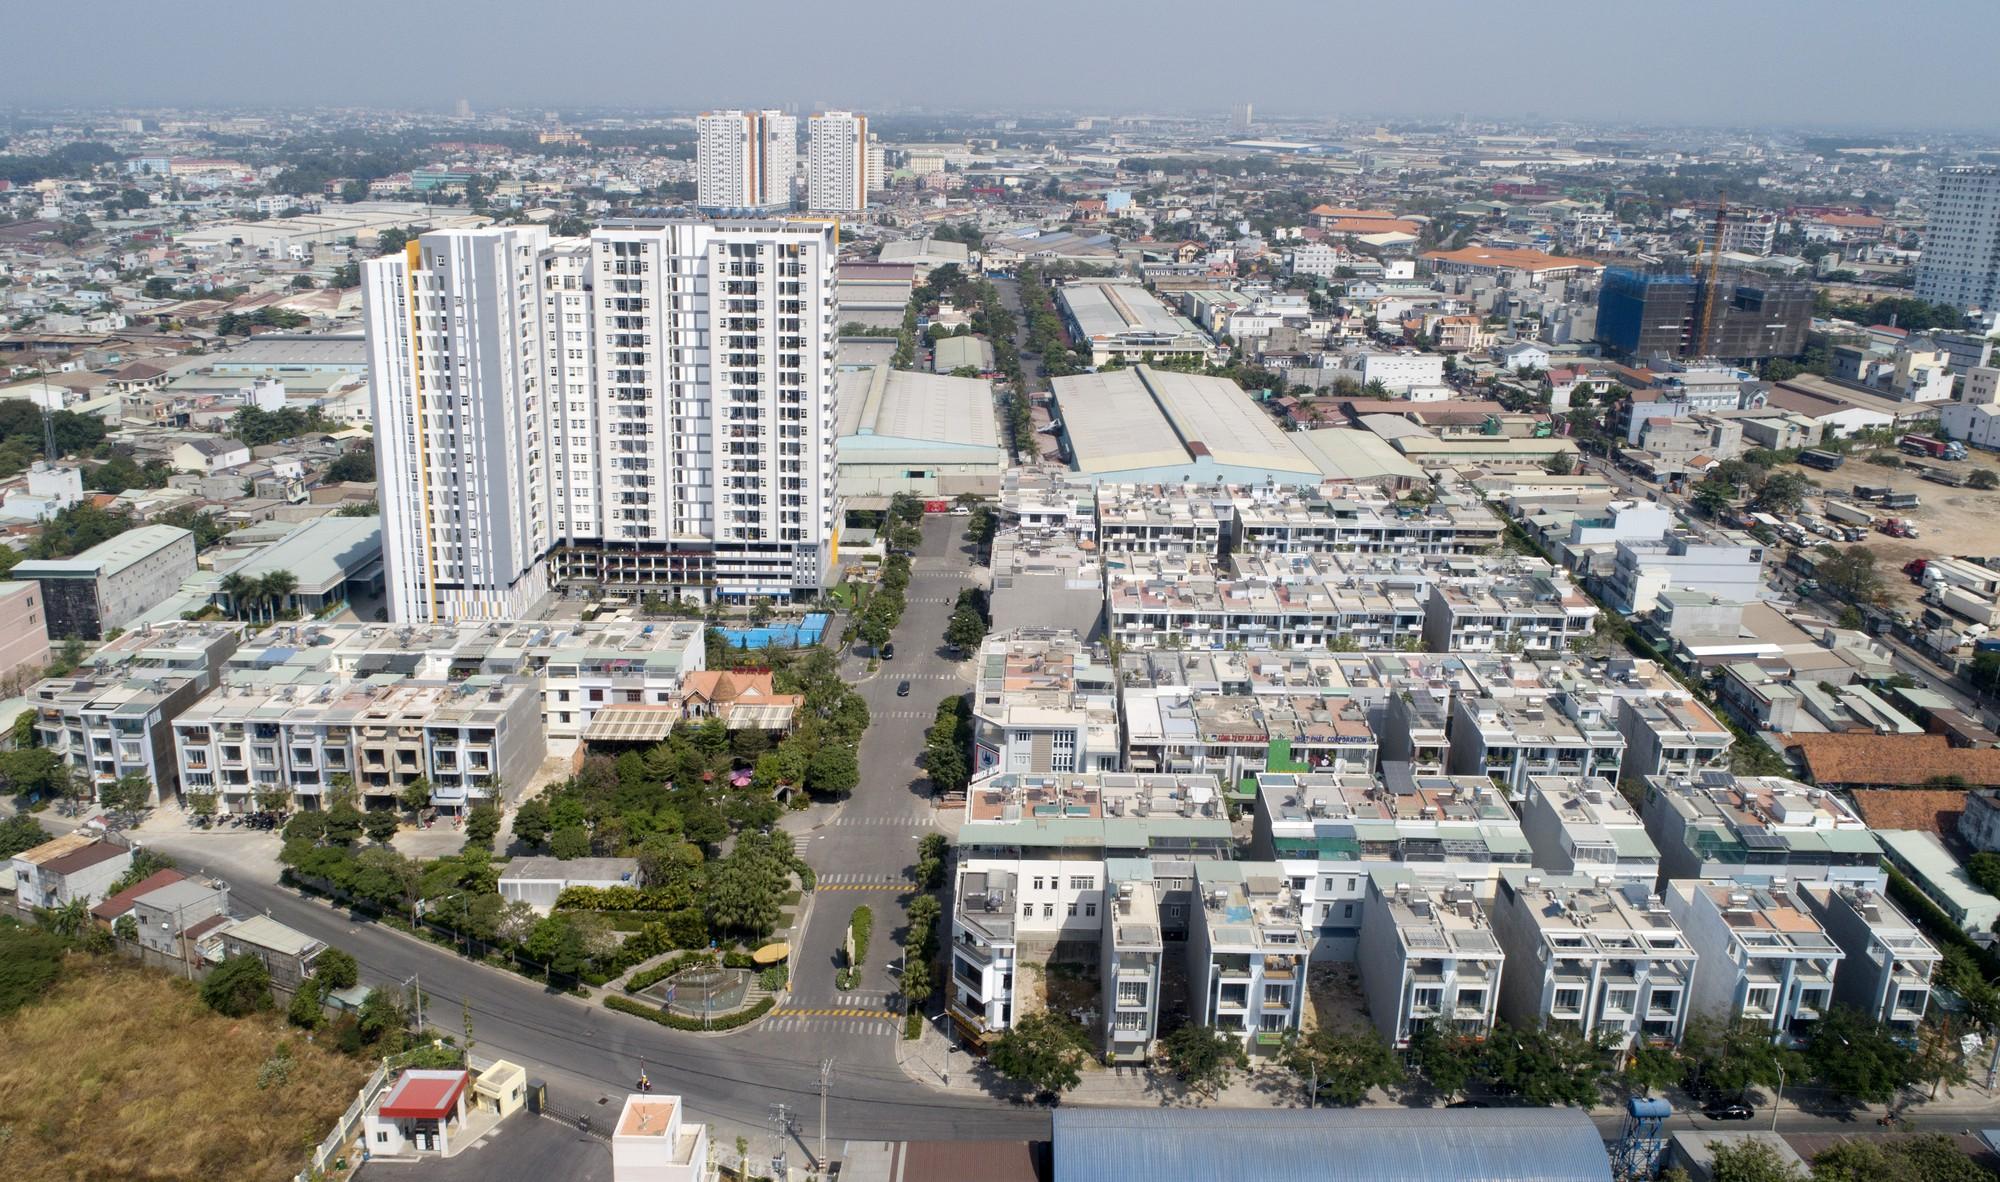 Tín dụng bất động sản vẫn tăng - có phản ánh đúng thực tế? 3